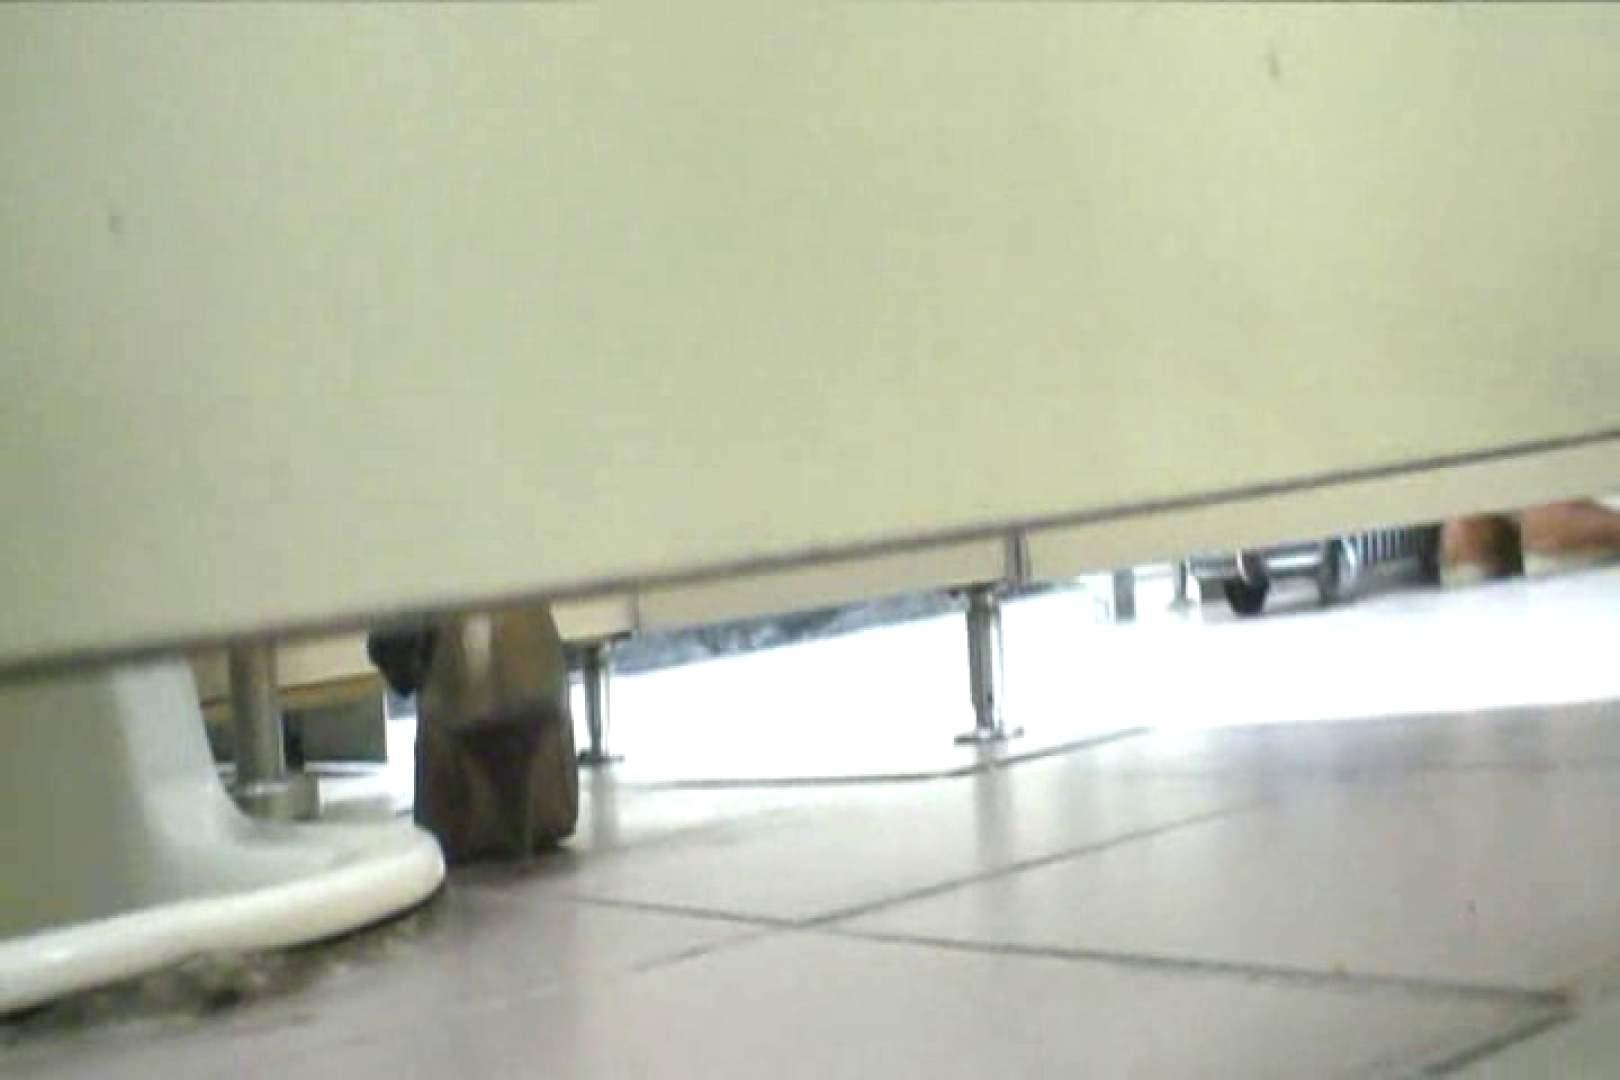 マンコ丸見え女子洗面所Vol.30 無修正マンコ おまんこ無修正動画無料 109PIX 94